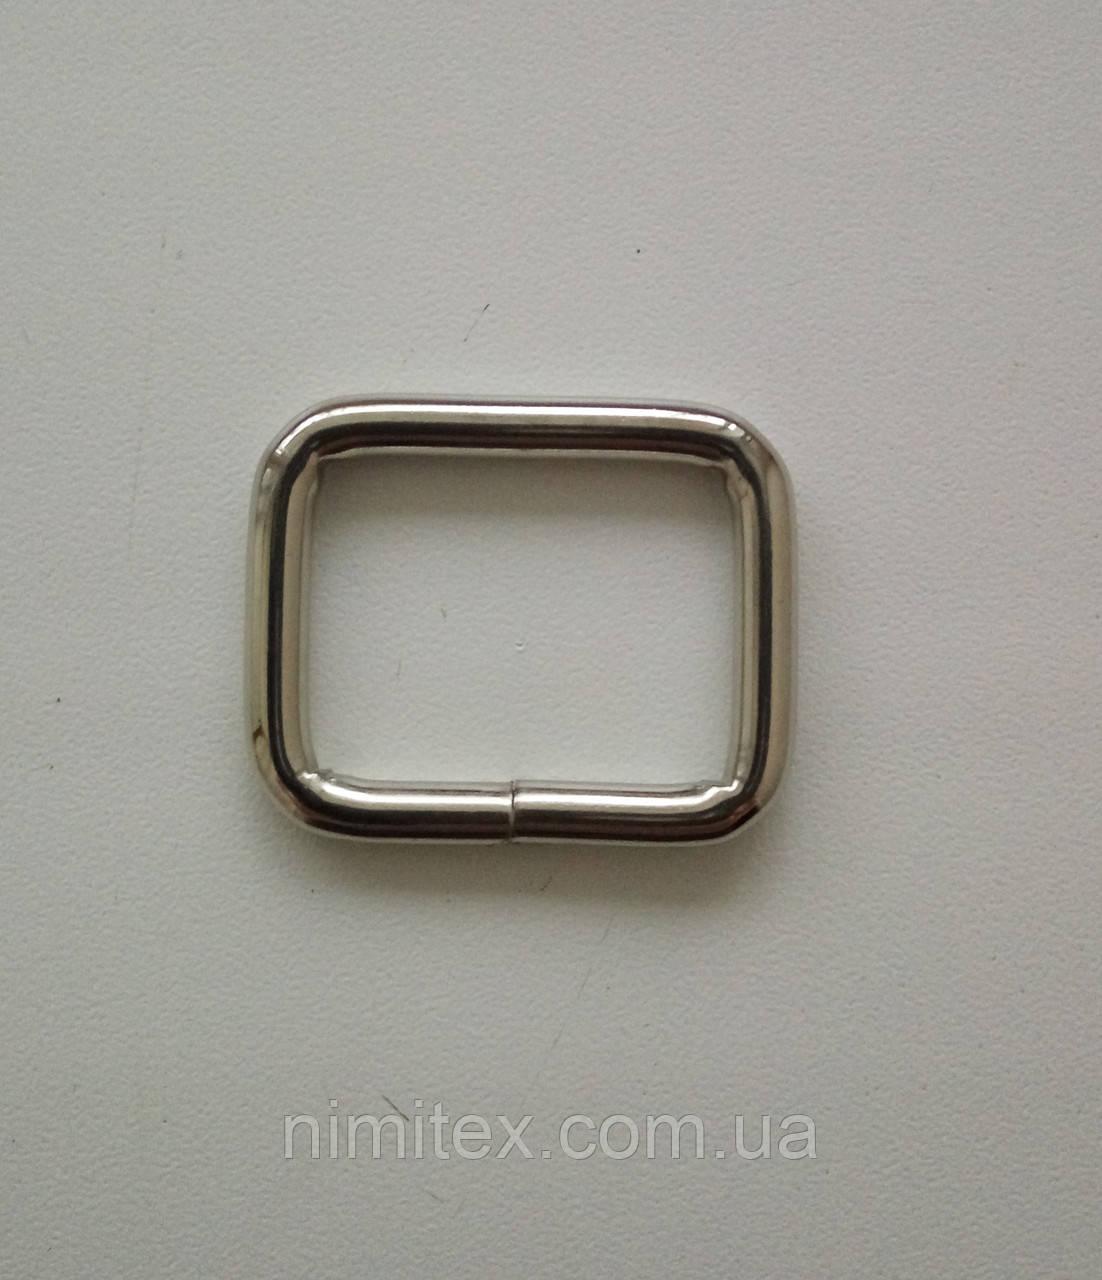 Рамка литая 25 мм никель